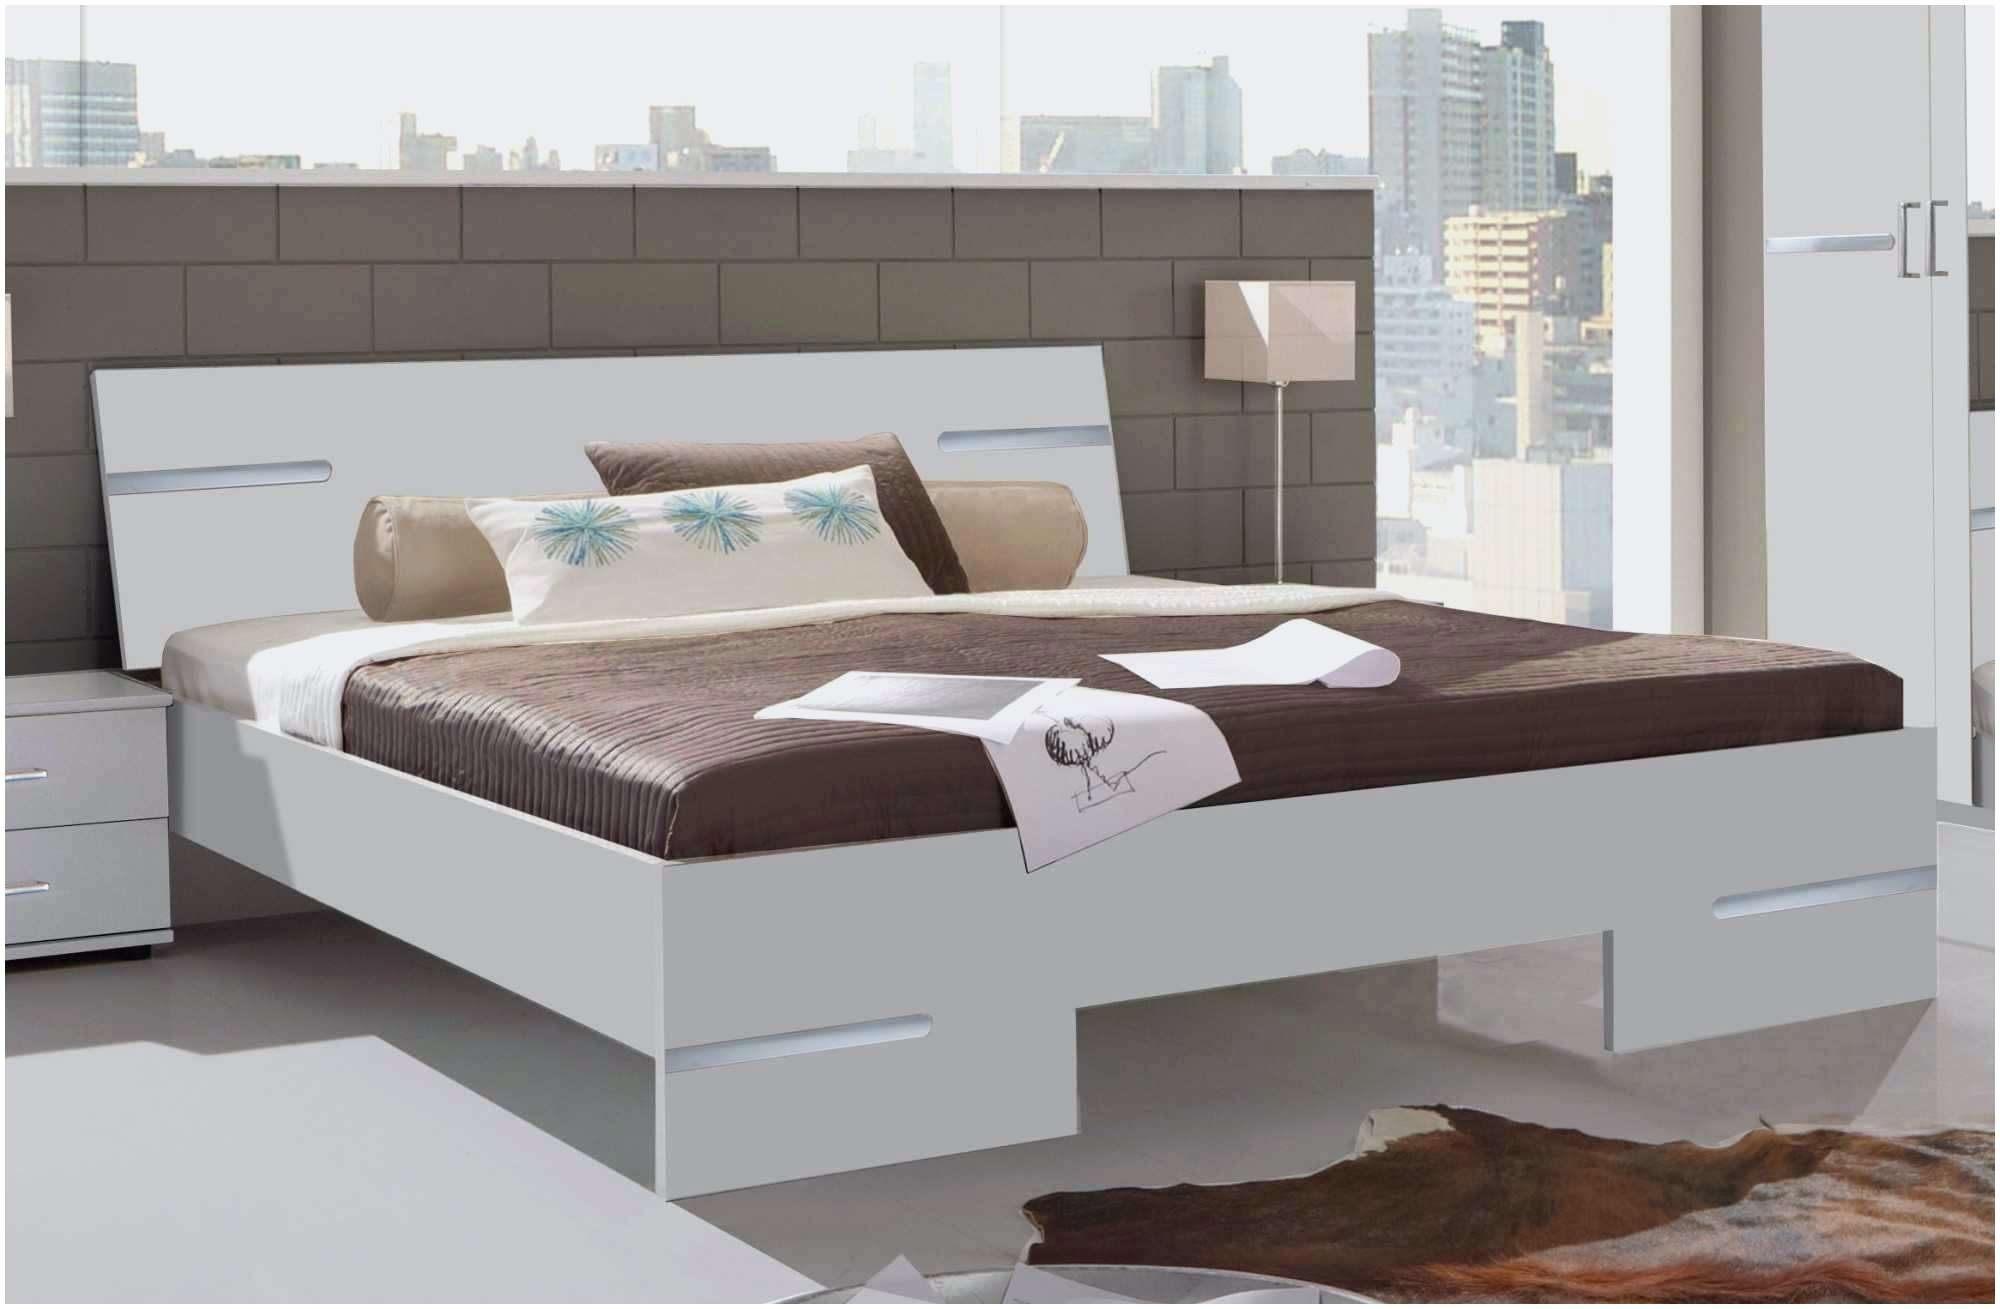 Ikea Lit Canape Luxe Unique Table Relevable Ikea Luxe Lit Relevable Ikea Meilleur De